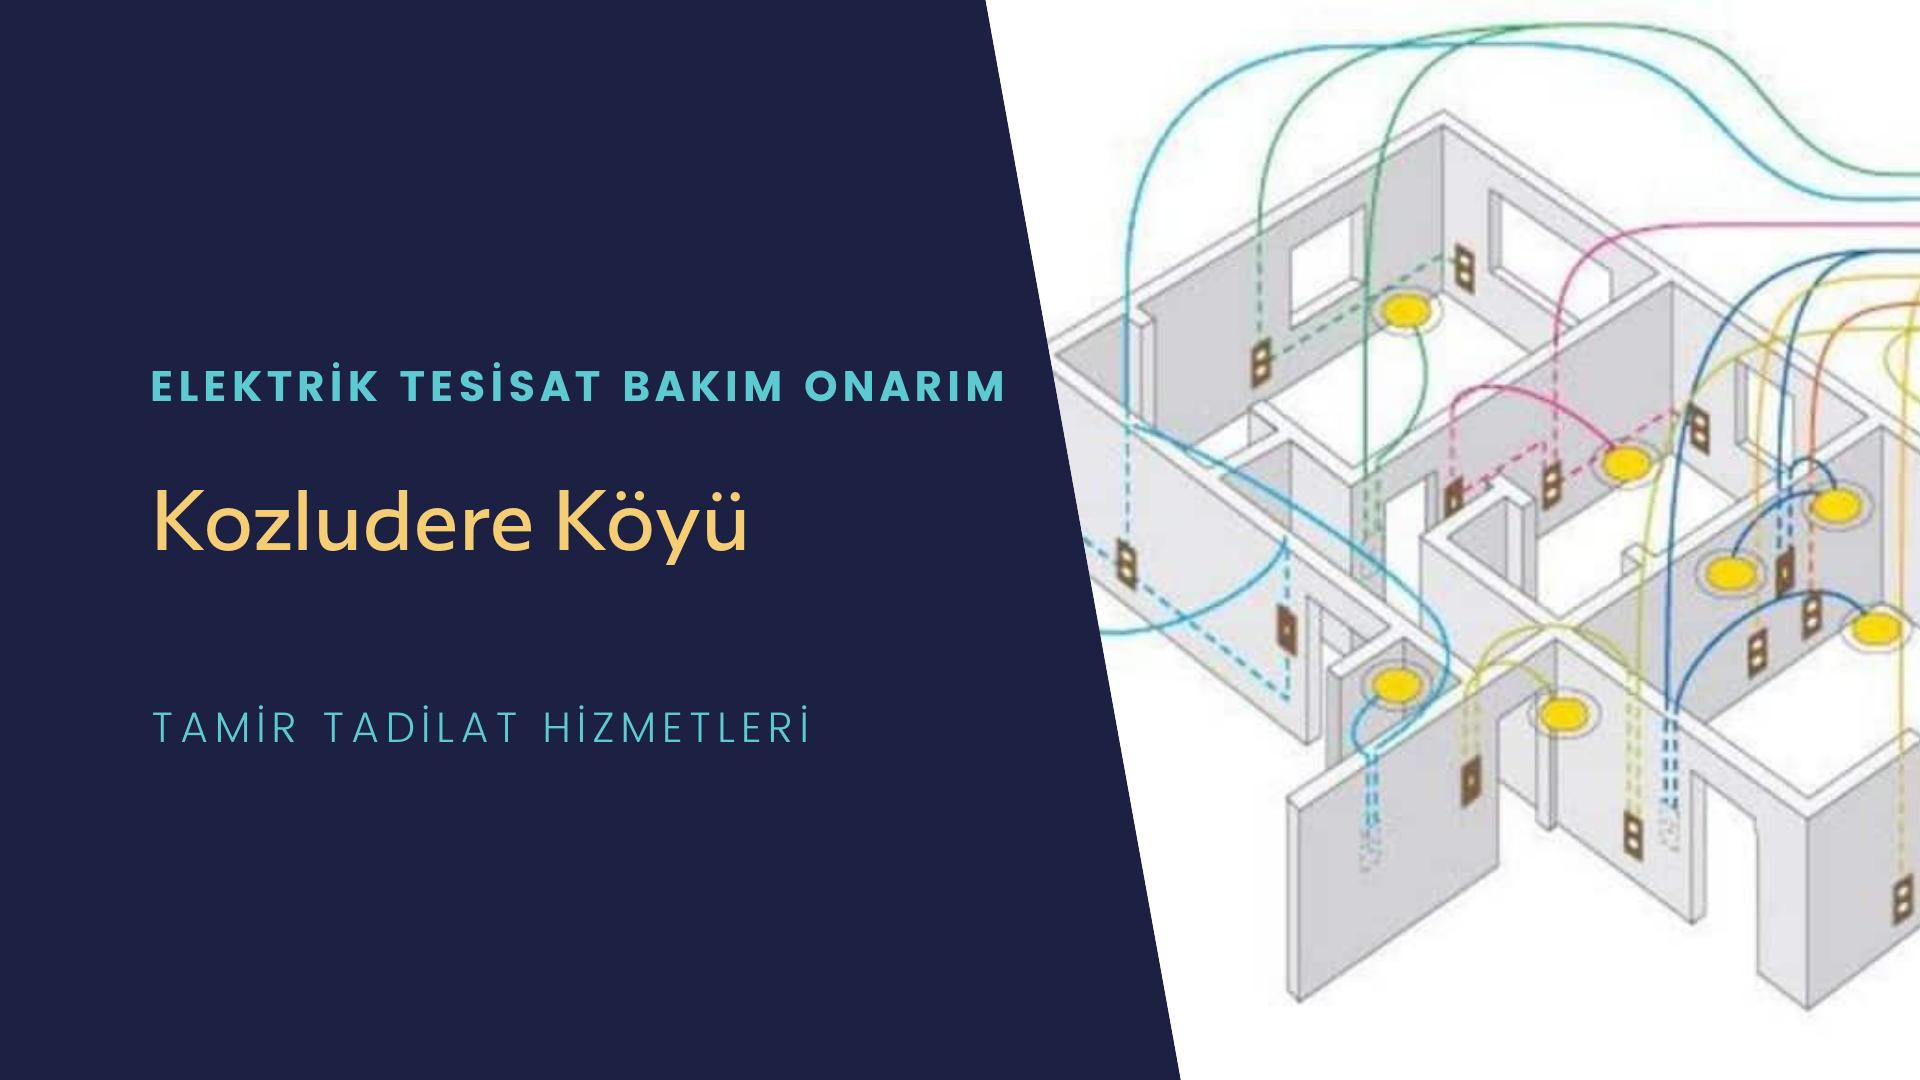 Kozludere Köyü  elektrik tesisatıustalarımı arıyorsunuz doğru adrestenizi Kozludere Köyü elektrik tesisatı ustalarımız 7/24 sizlere hizmet vermekten mutluluk duyar.